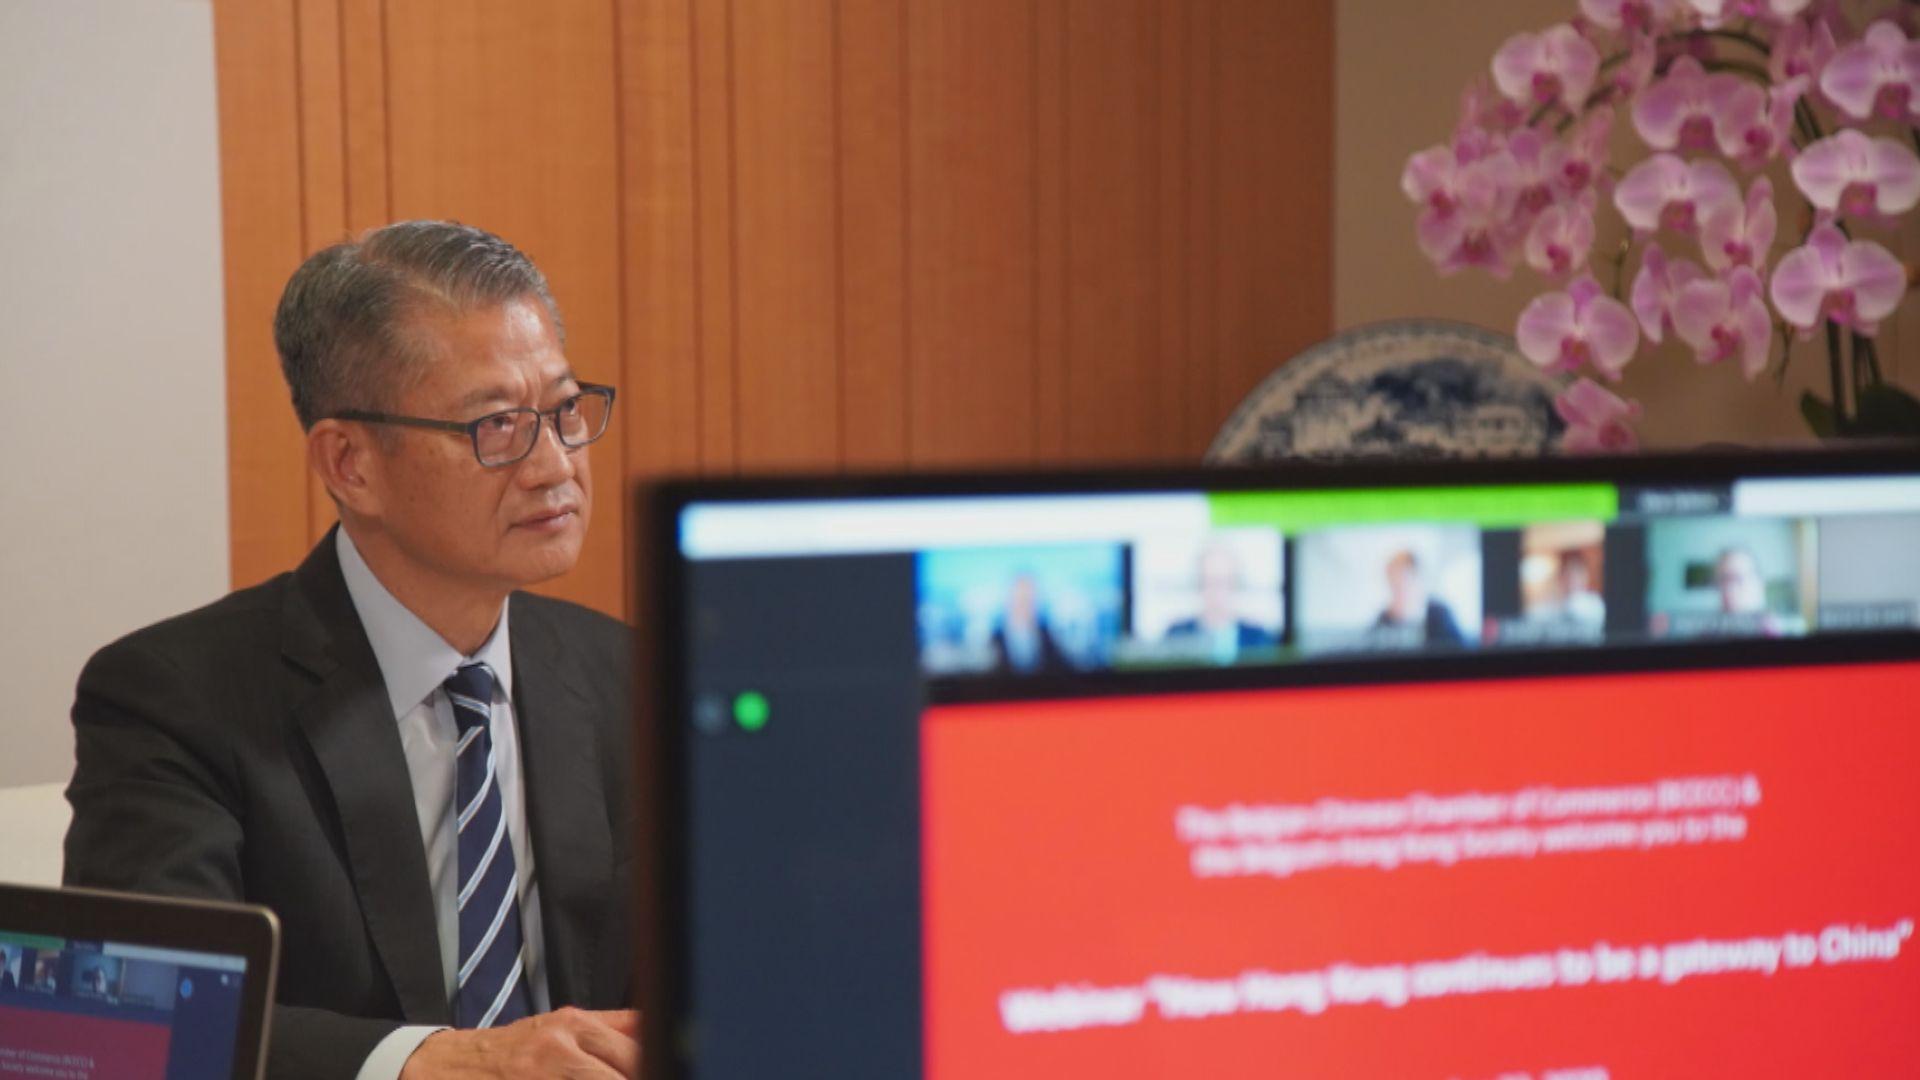 陳茂波︰經濟市場變化 港需調整定位保持競爭力